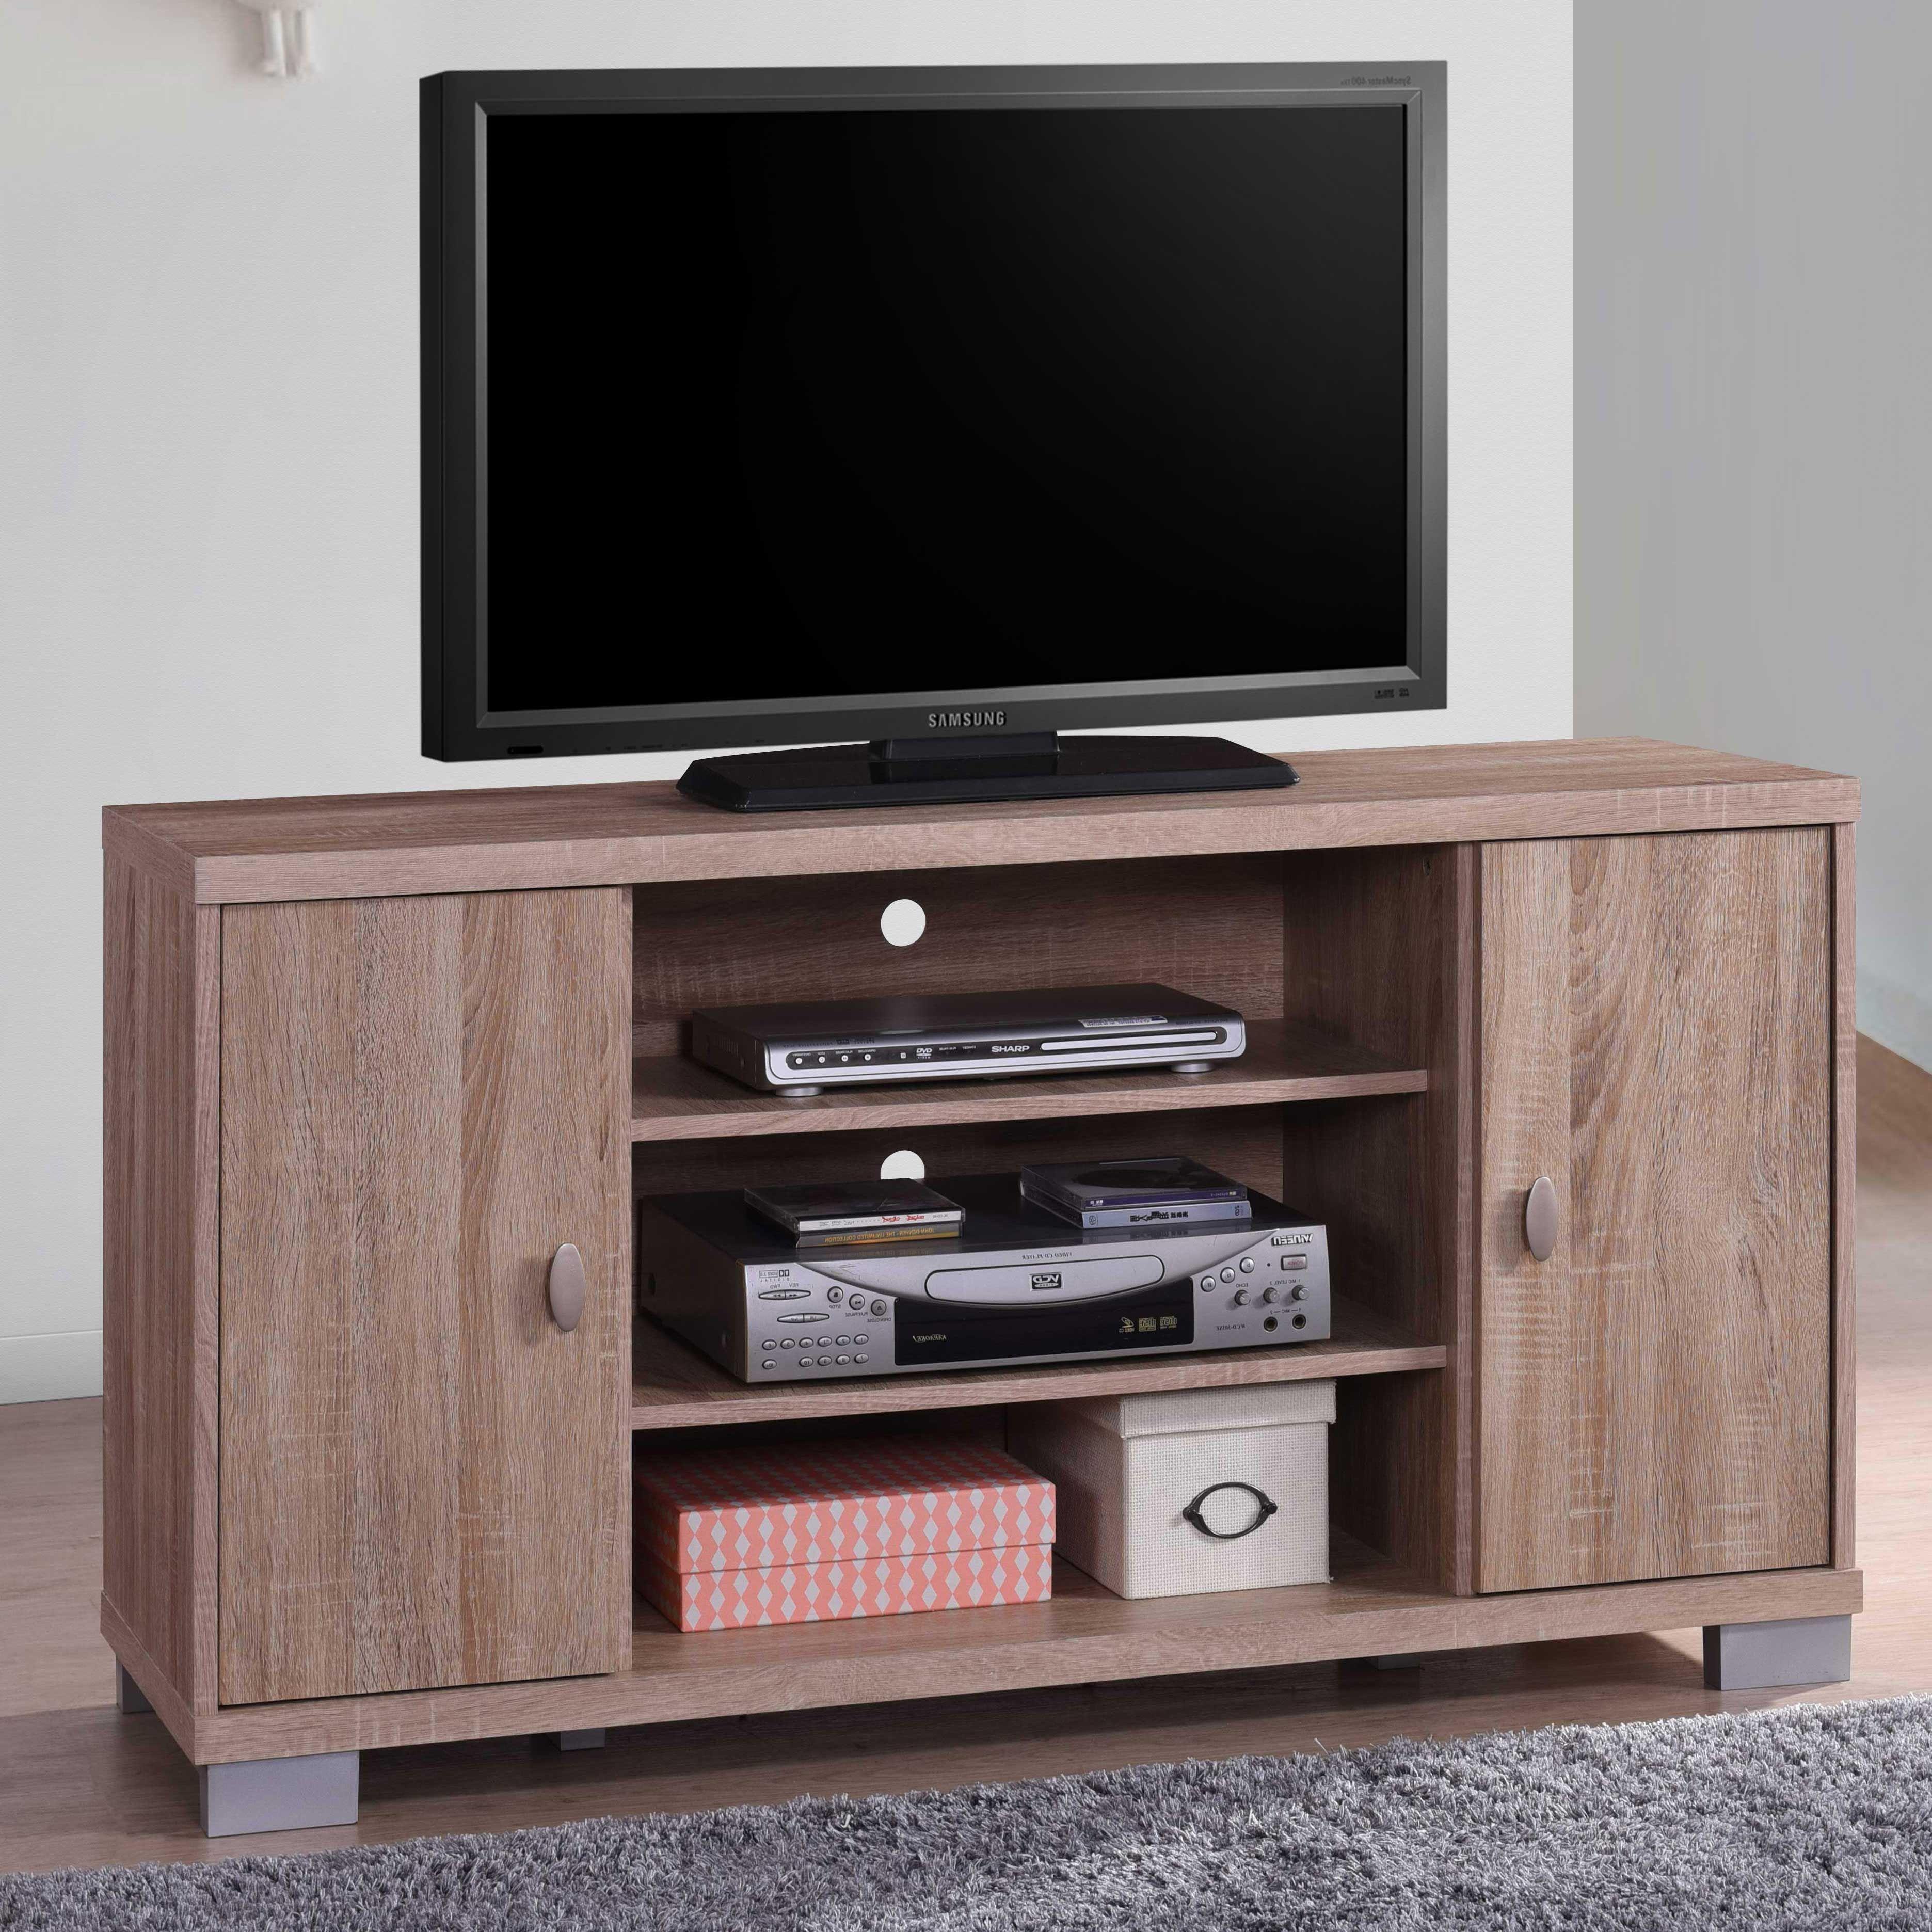 Samsung Tv Met Meubel.Tv Meubel Belek Emob